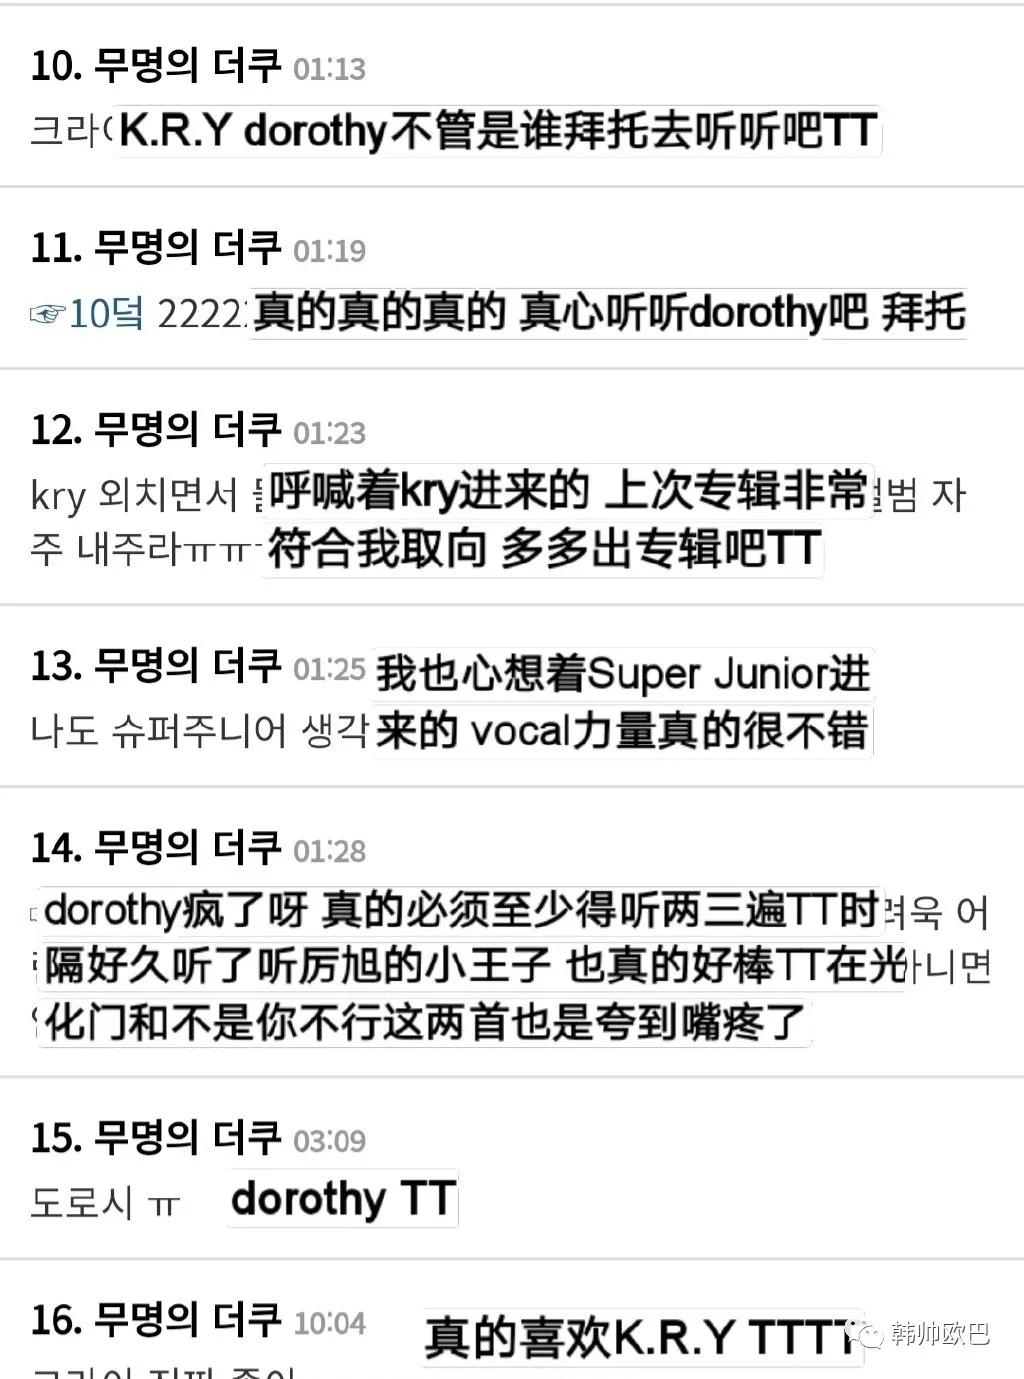 韩网友心中,男团历史上拥有最强主唱阵容的组合